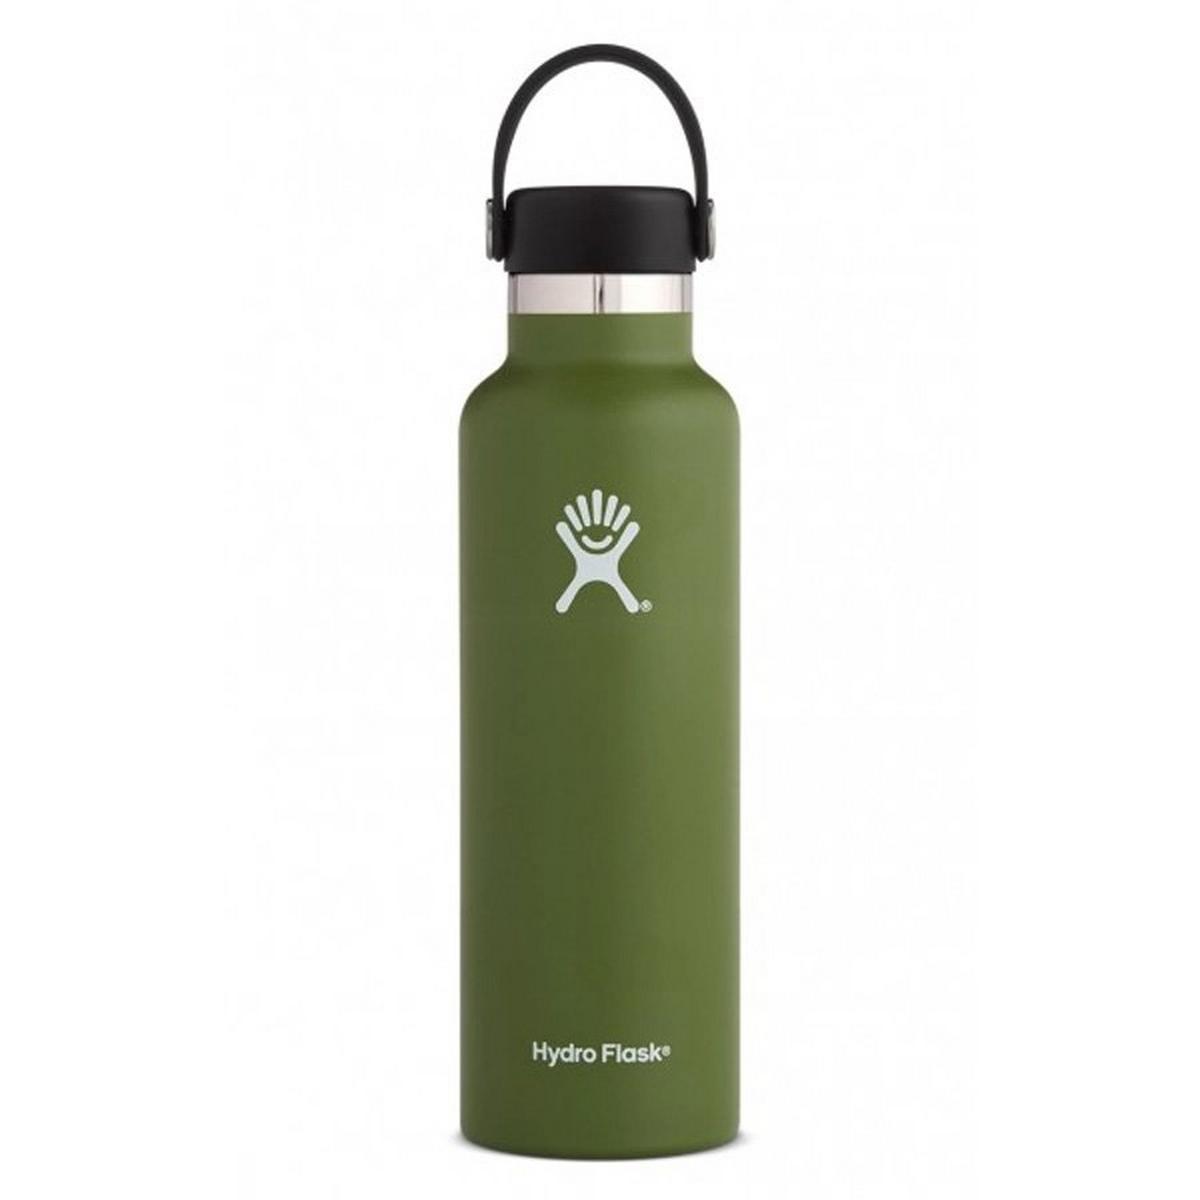 Hydro Flask HYDRATION 21oz / 0.6 L Standard Mouth Bottle Olive